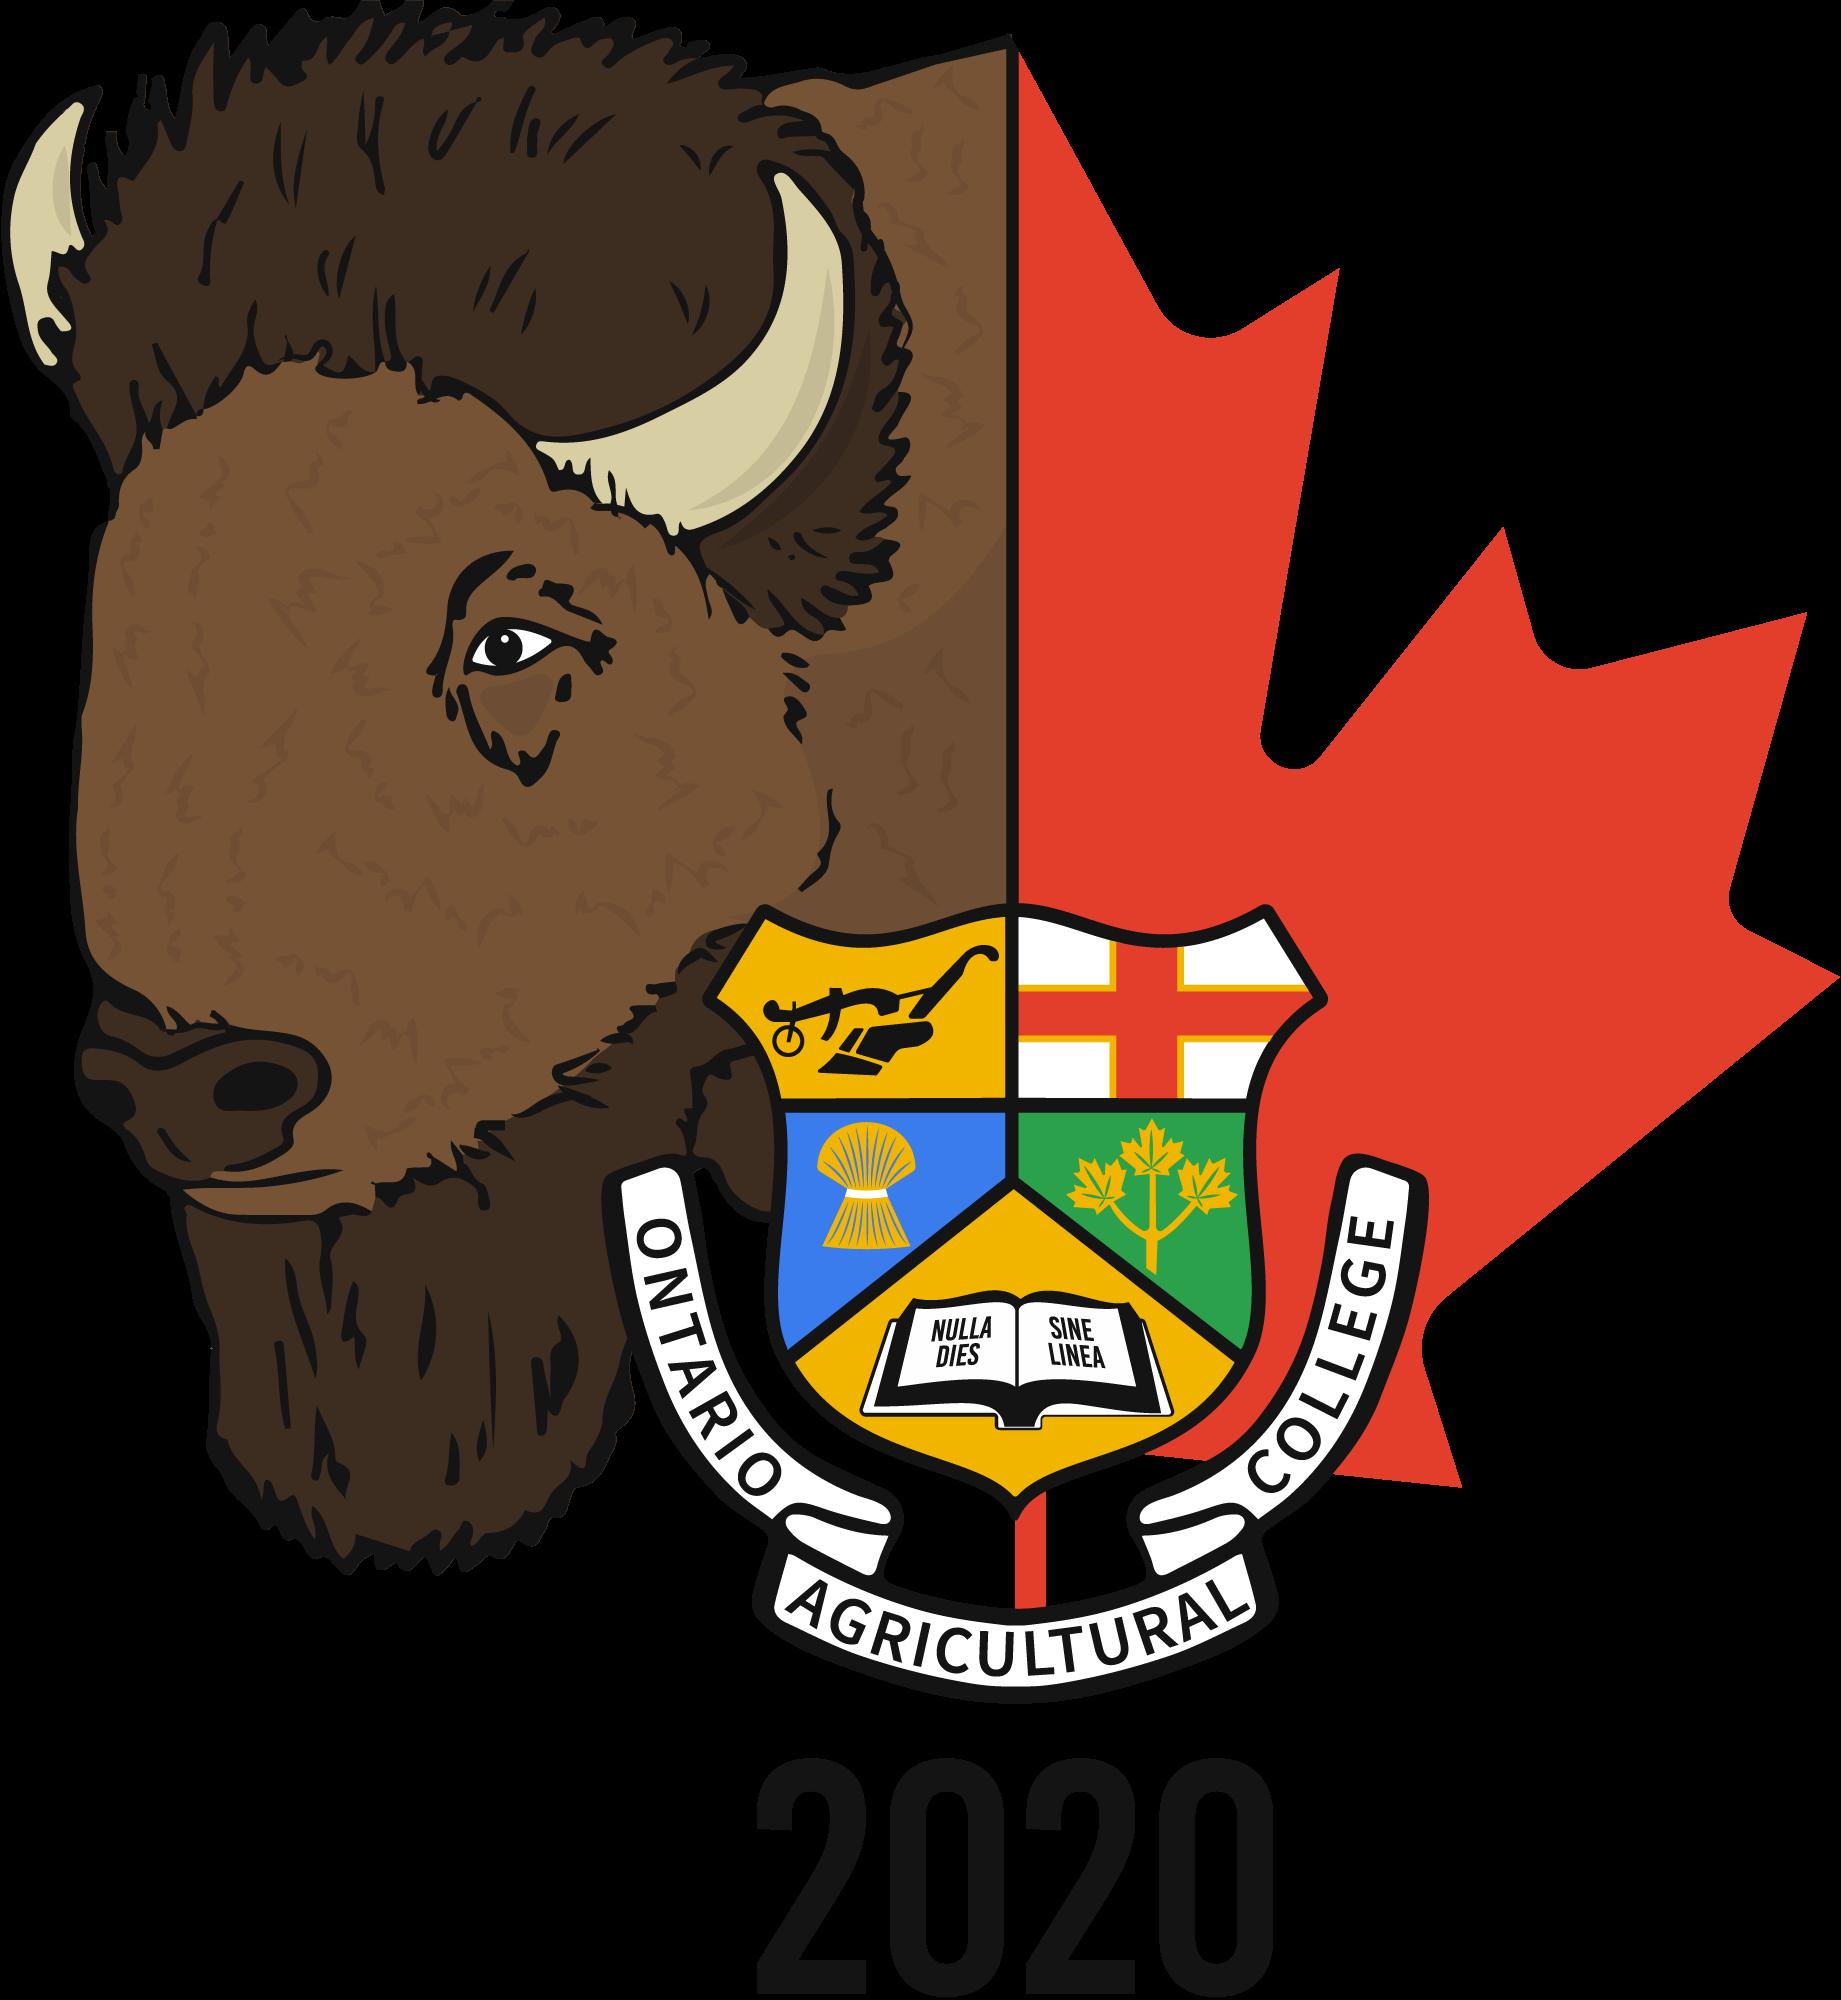 OAC 2020